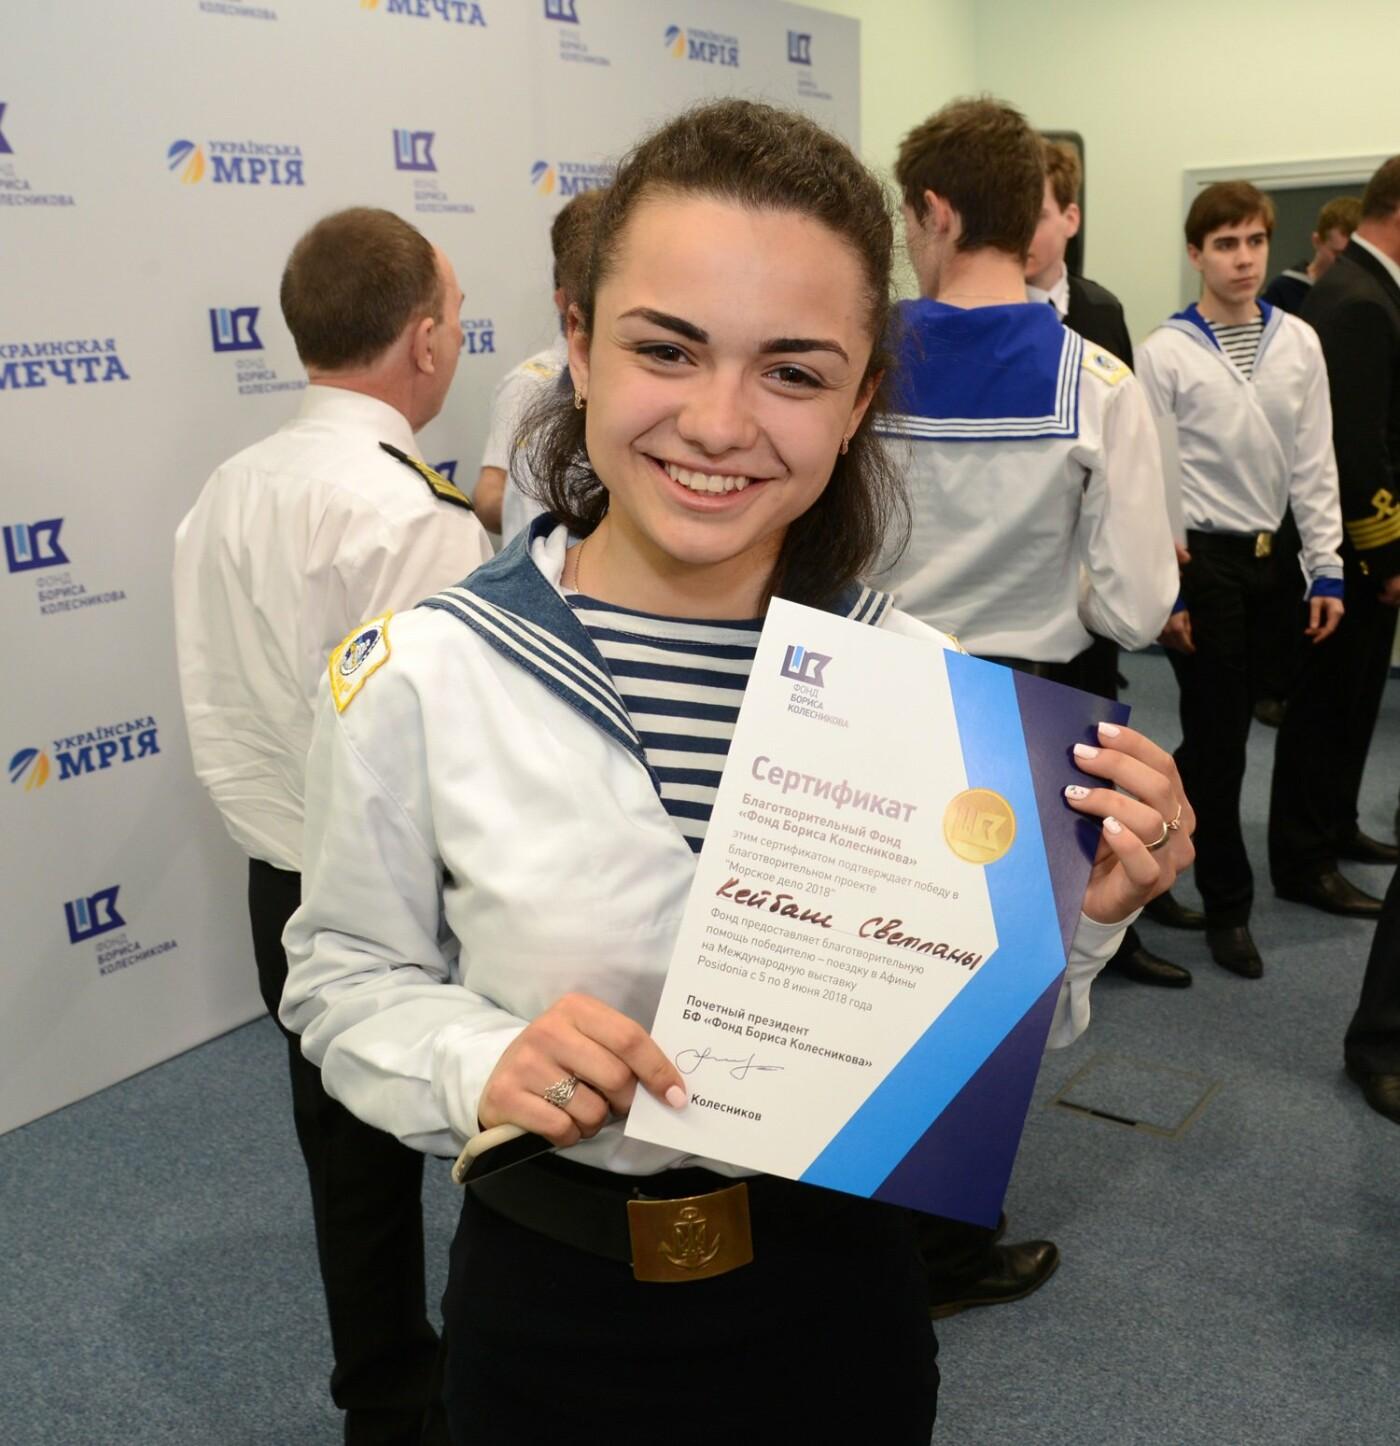 Юные моряки Николаева выиграли в престижном конкурсе и летят в Афины, фото-3